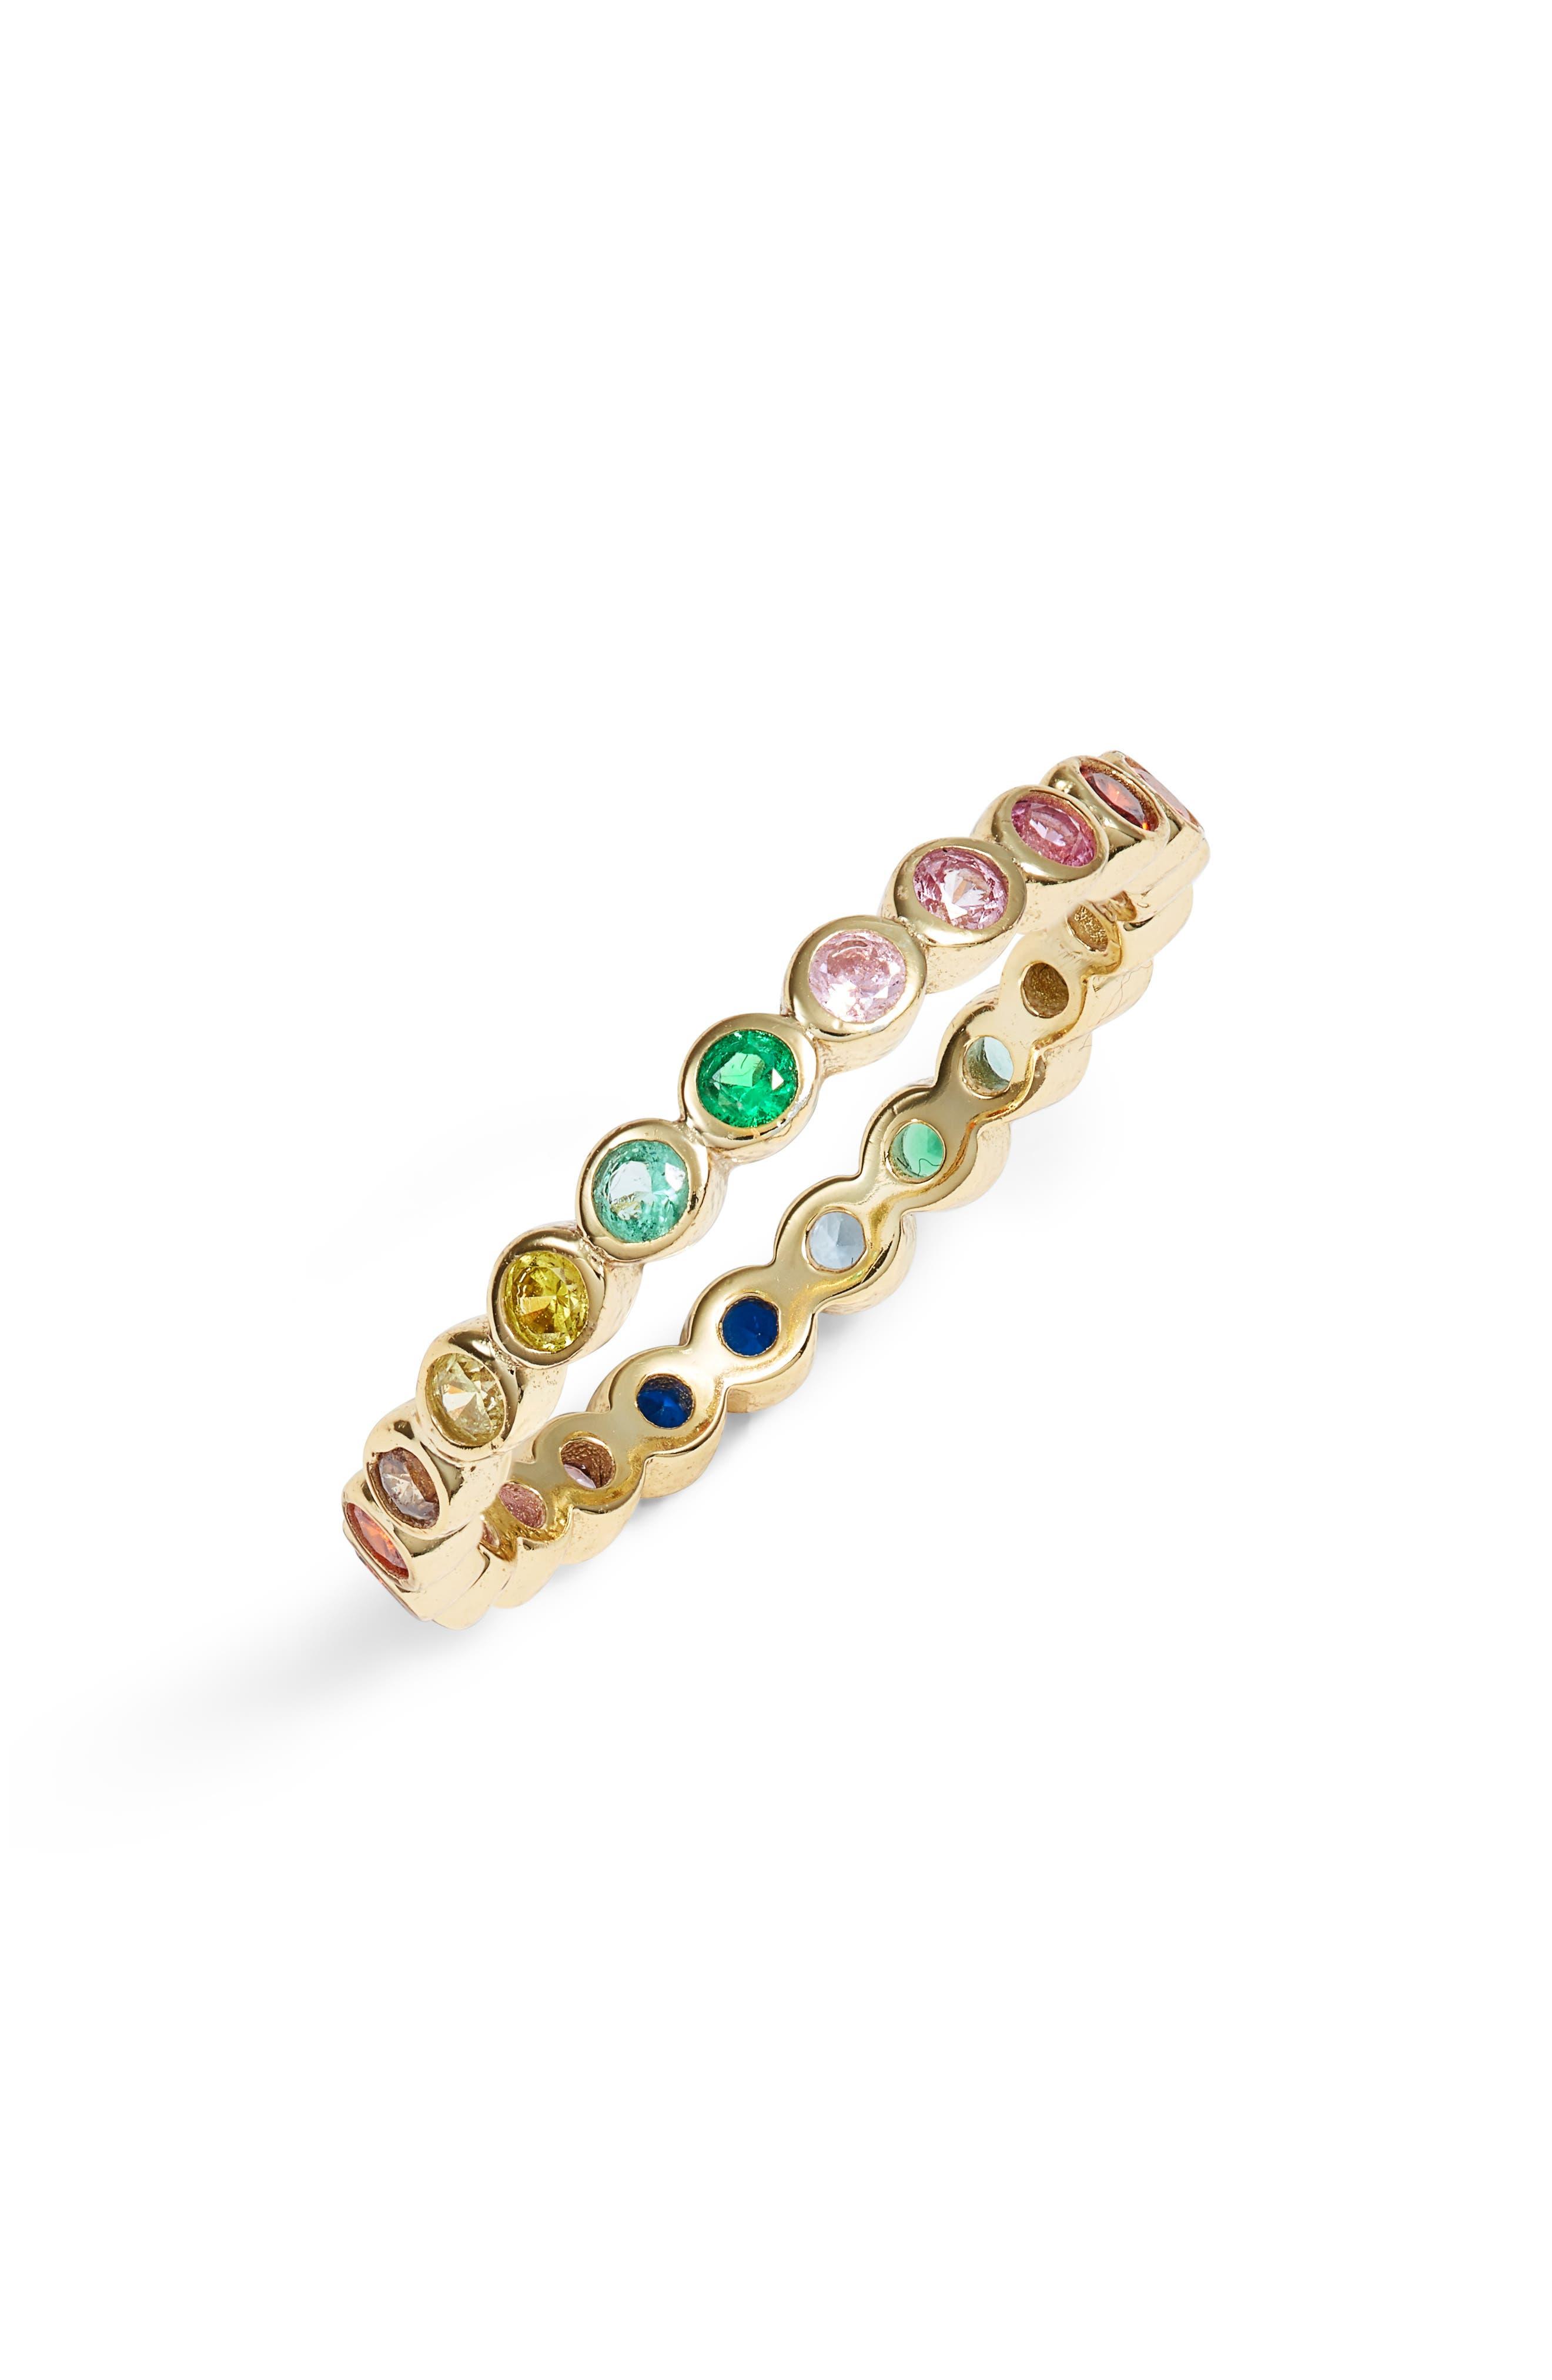 STELLA AND BOW, Indigo Cubic Zirconia Ring, Main thumbnail 1, color, GOLD